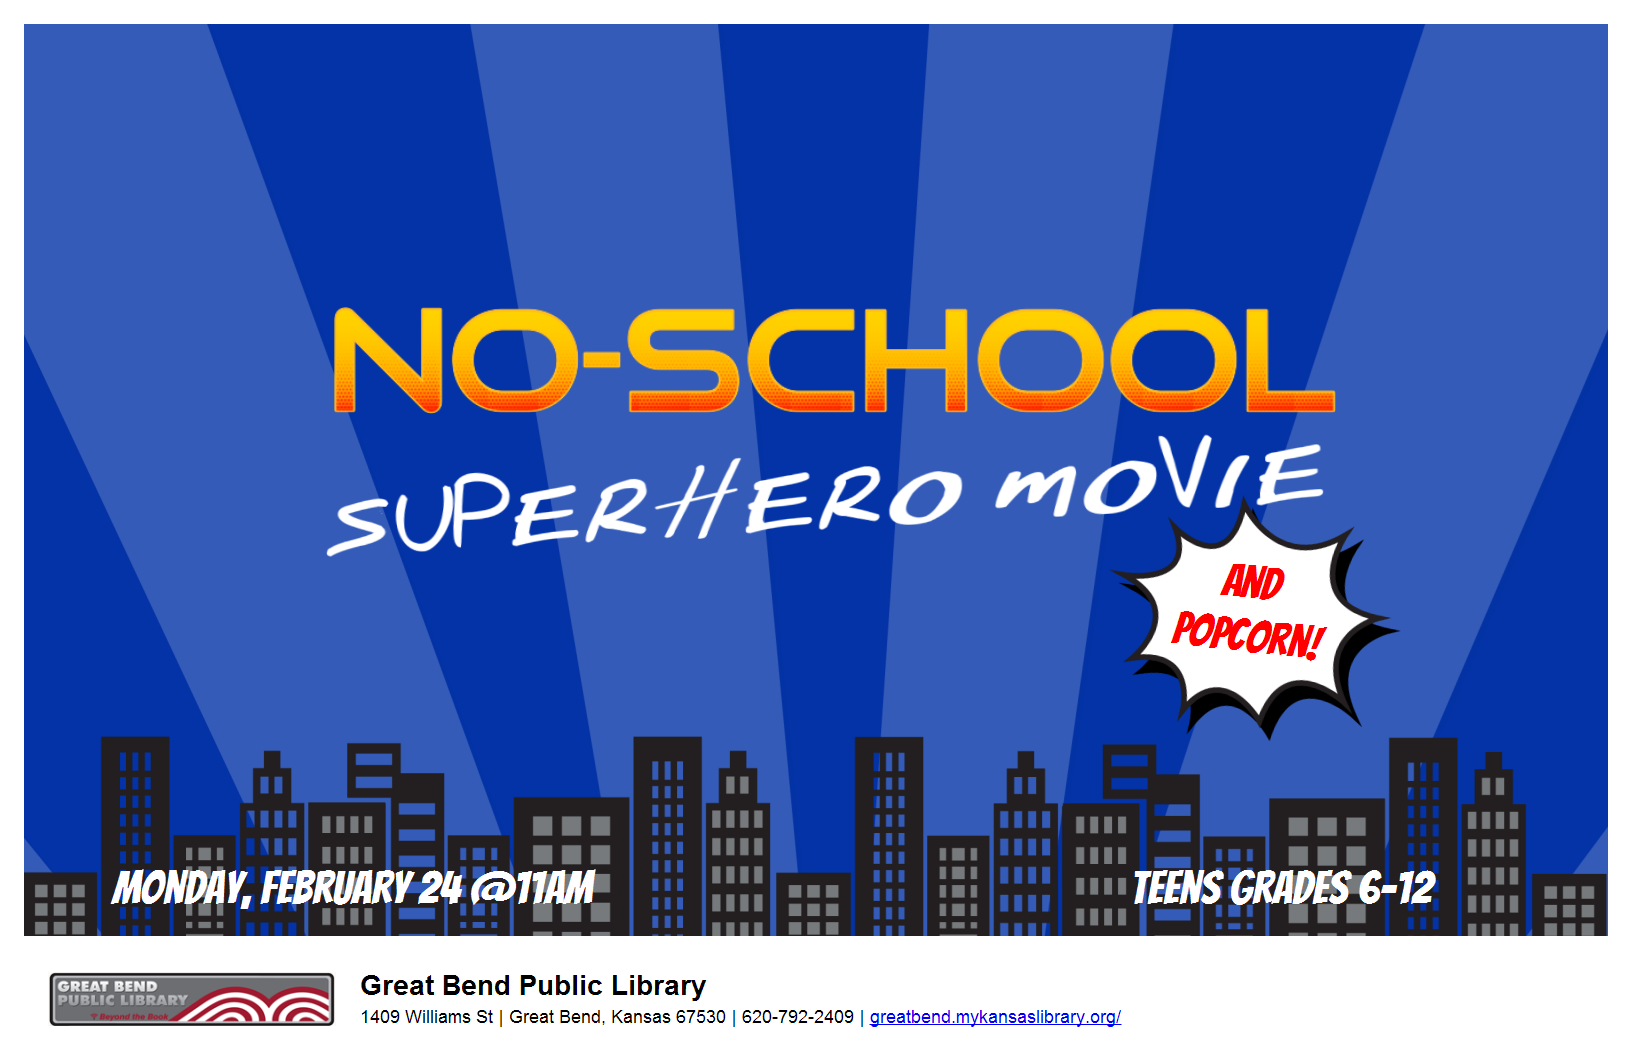 No-School Superhero Movie